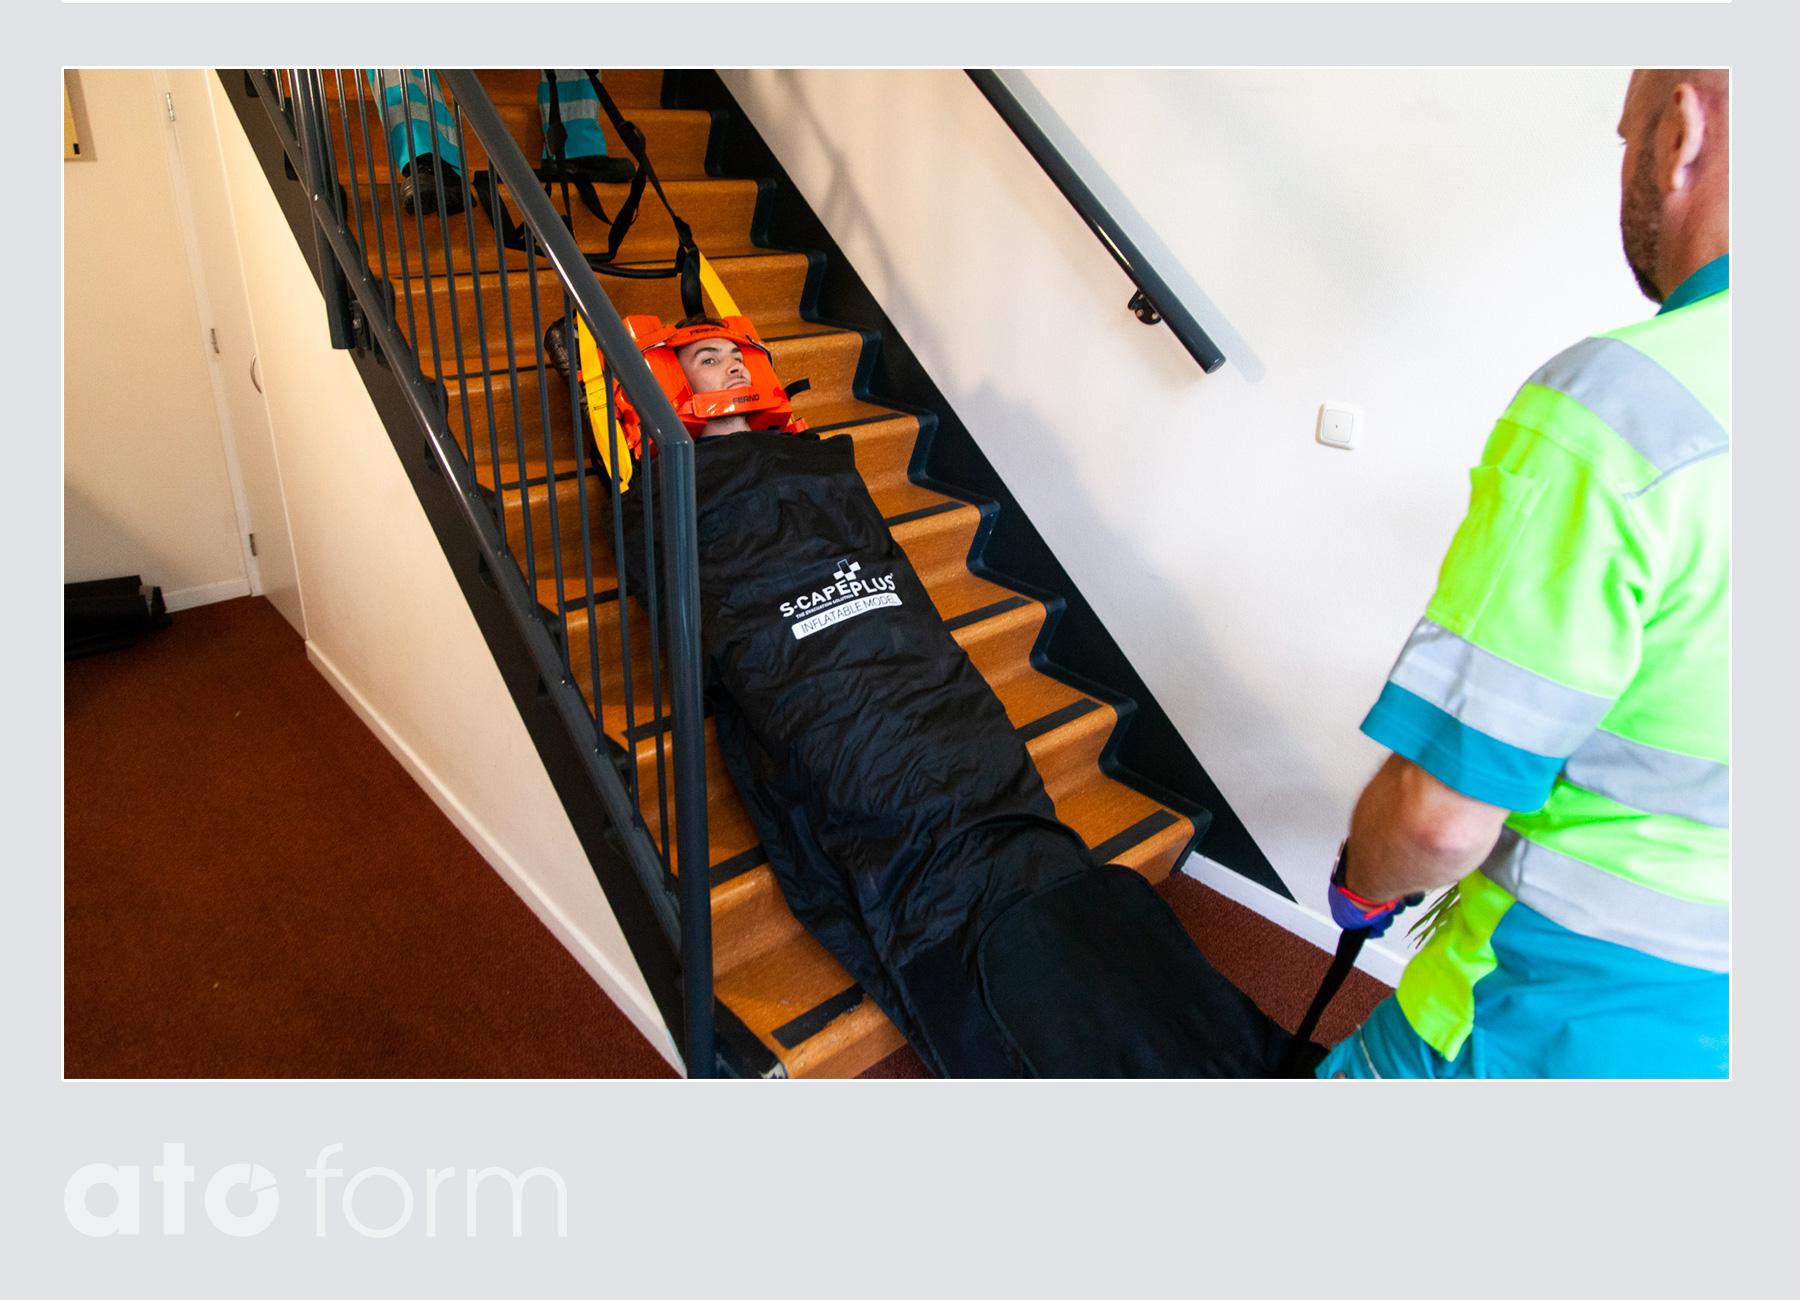 S-CapePlus - Aufblasbares Modell - Sicherung über die Treppe